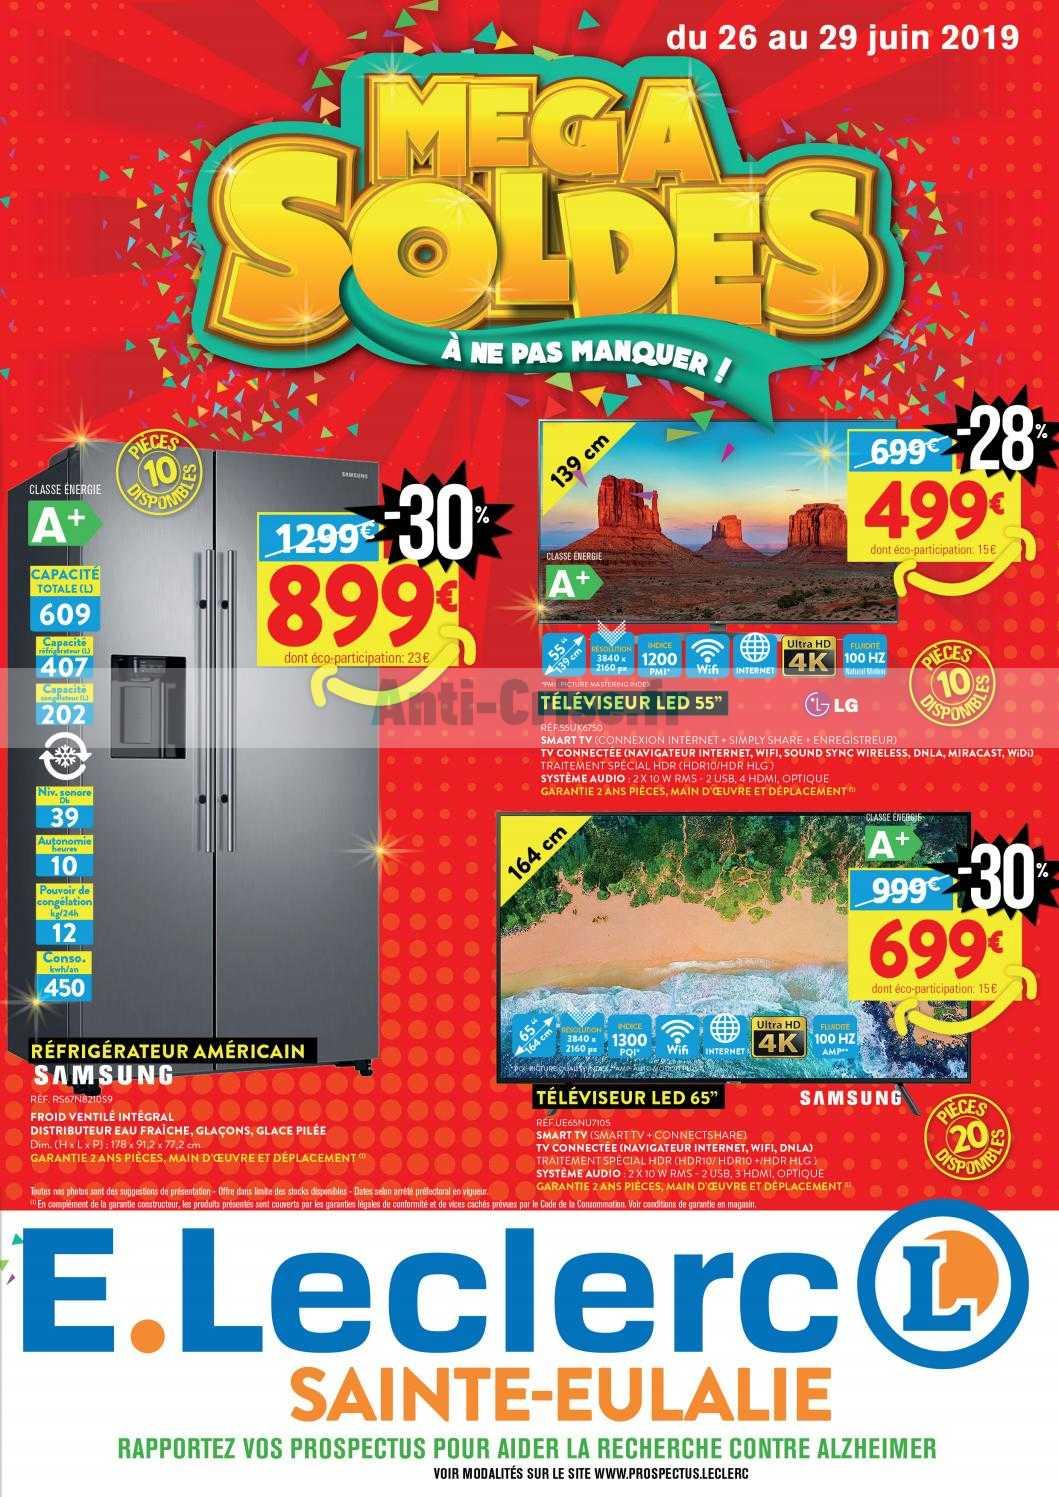 Catalogues Promos & Bons Plans, Economisez ! - Page 742 Sur ... encequiconcerne Leclerc Piscine Gonflable